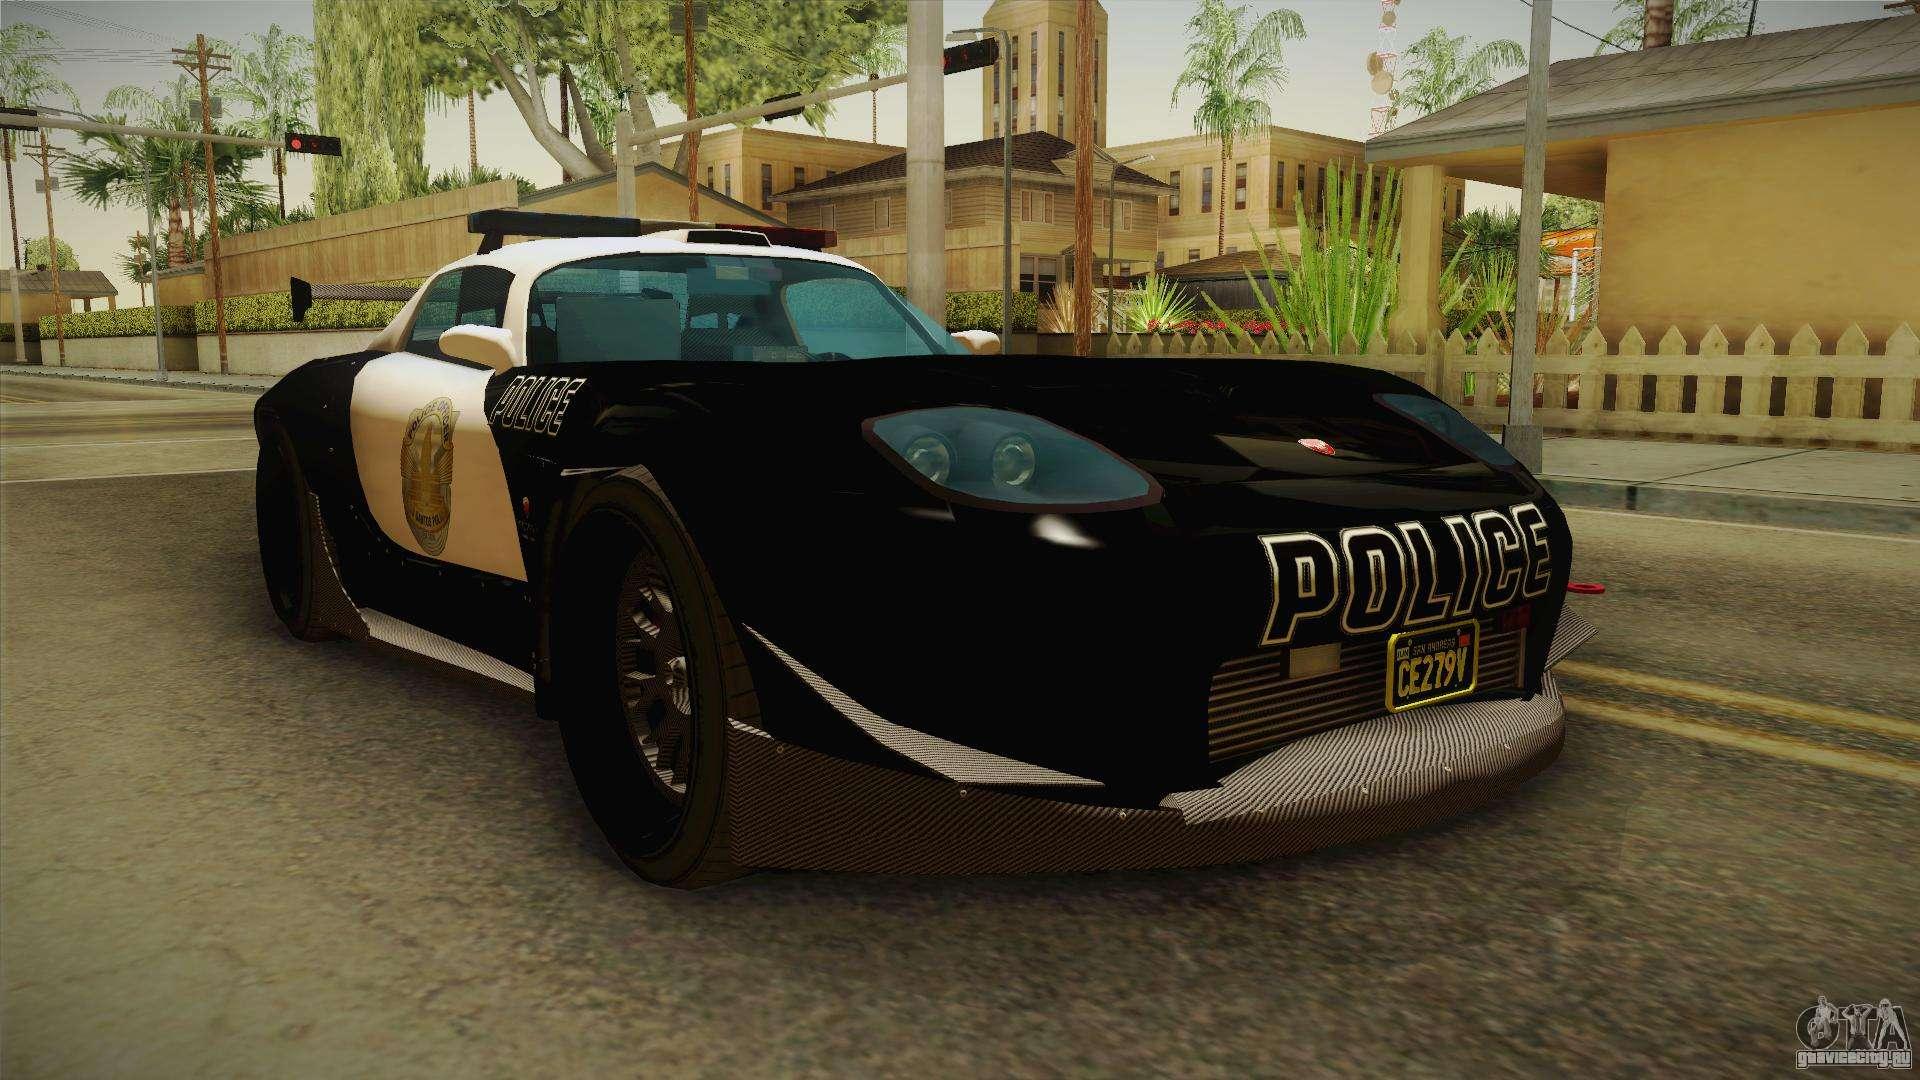 Полицейские машины для gta 4 скачать